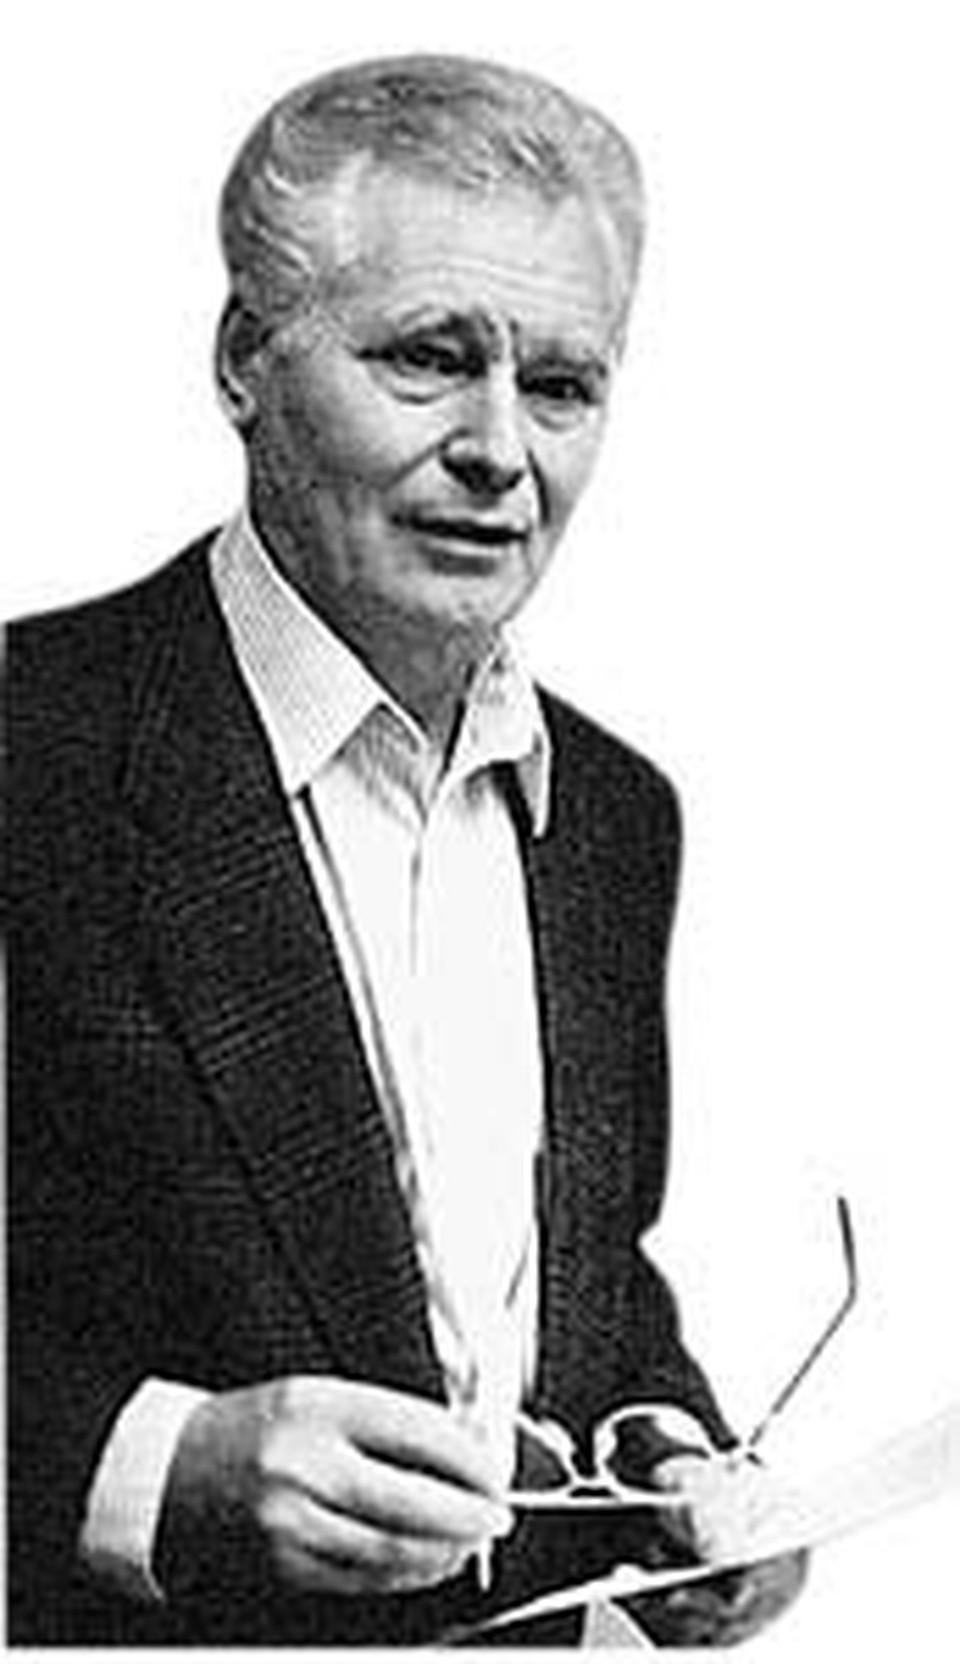 Сергей Кара-Мурза - очень системный человек.